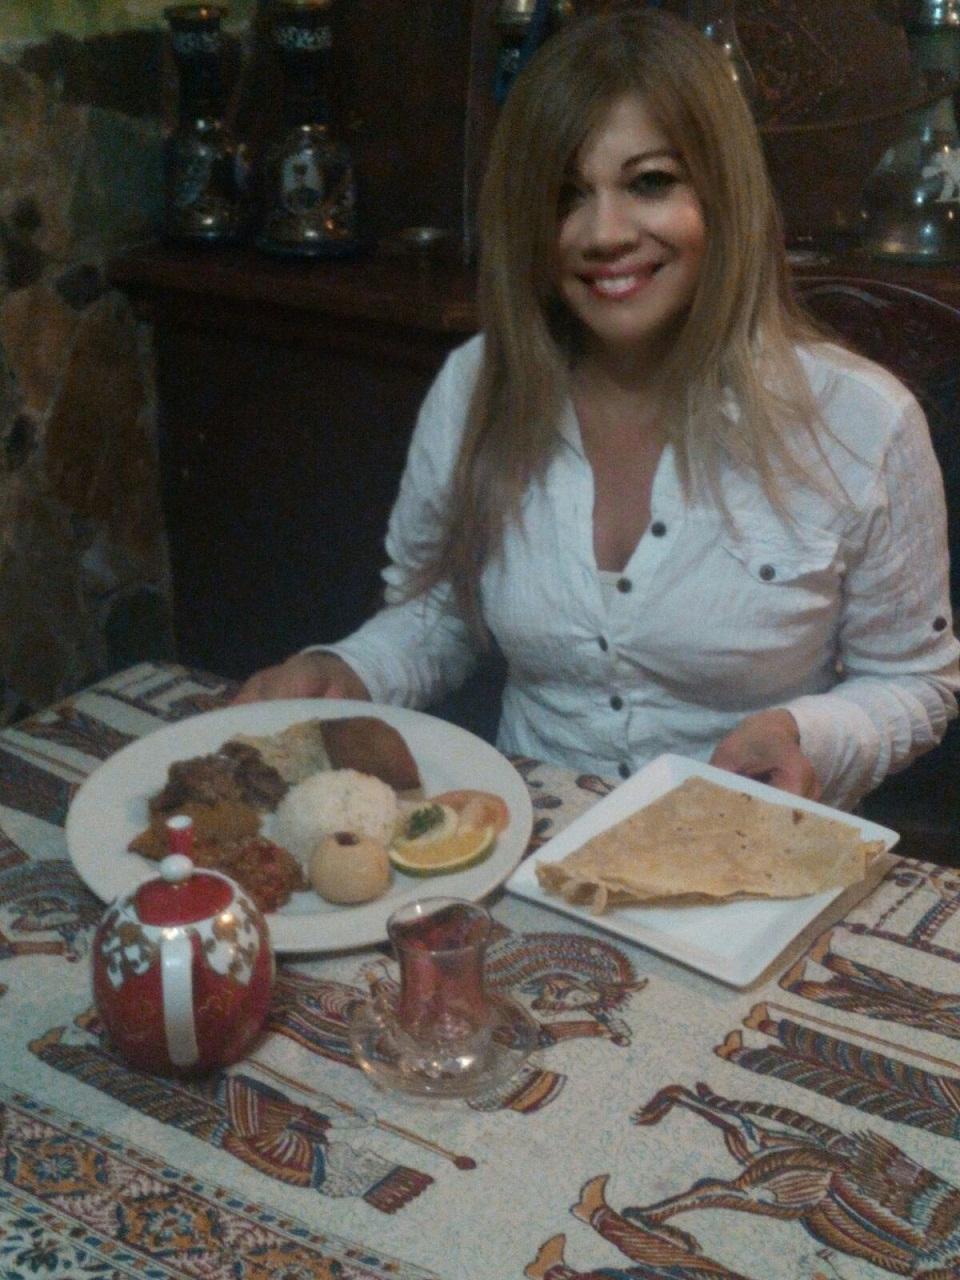 La verdadera Scheherezada del restaurante es Janeth Perdomo, quien encanta a sus clientes con sus elaboradas preparaciones